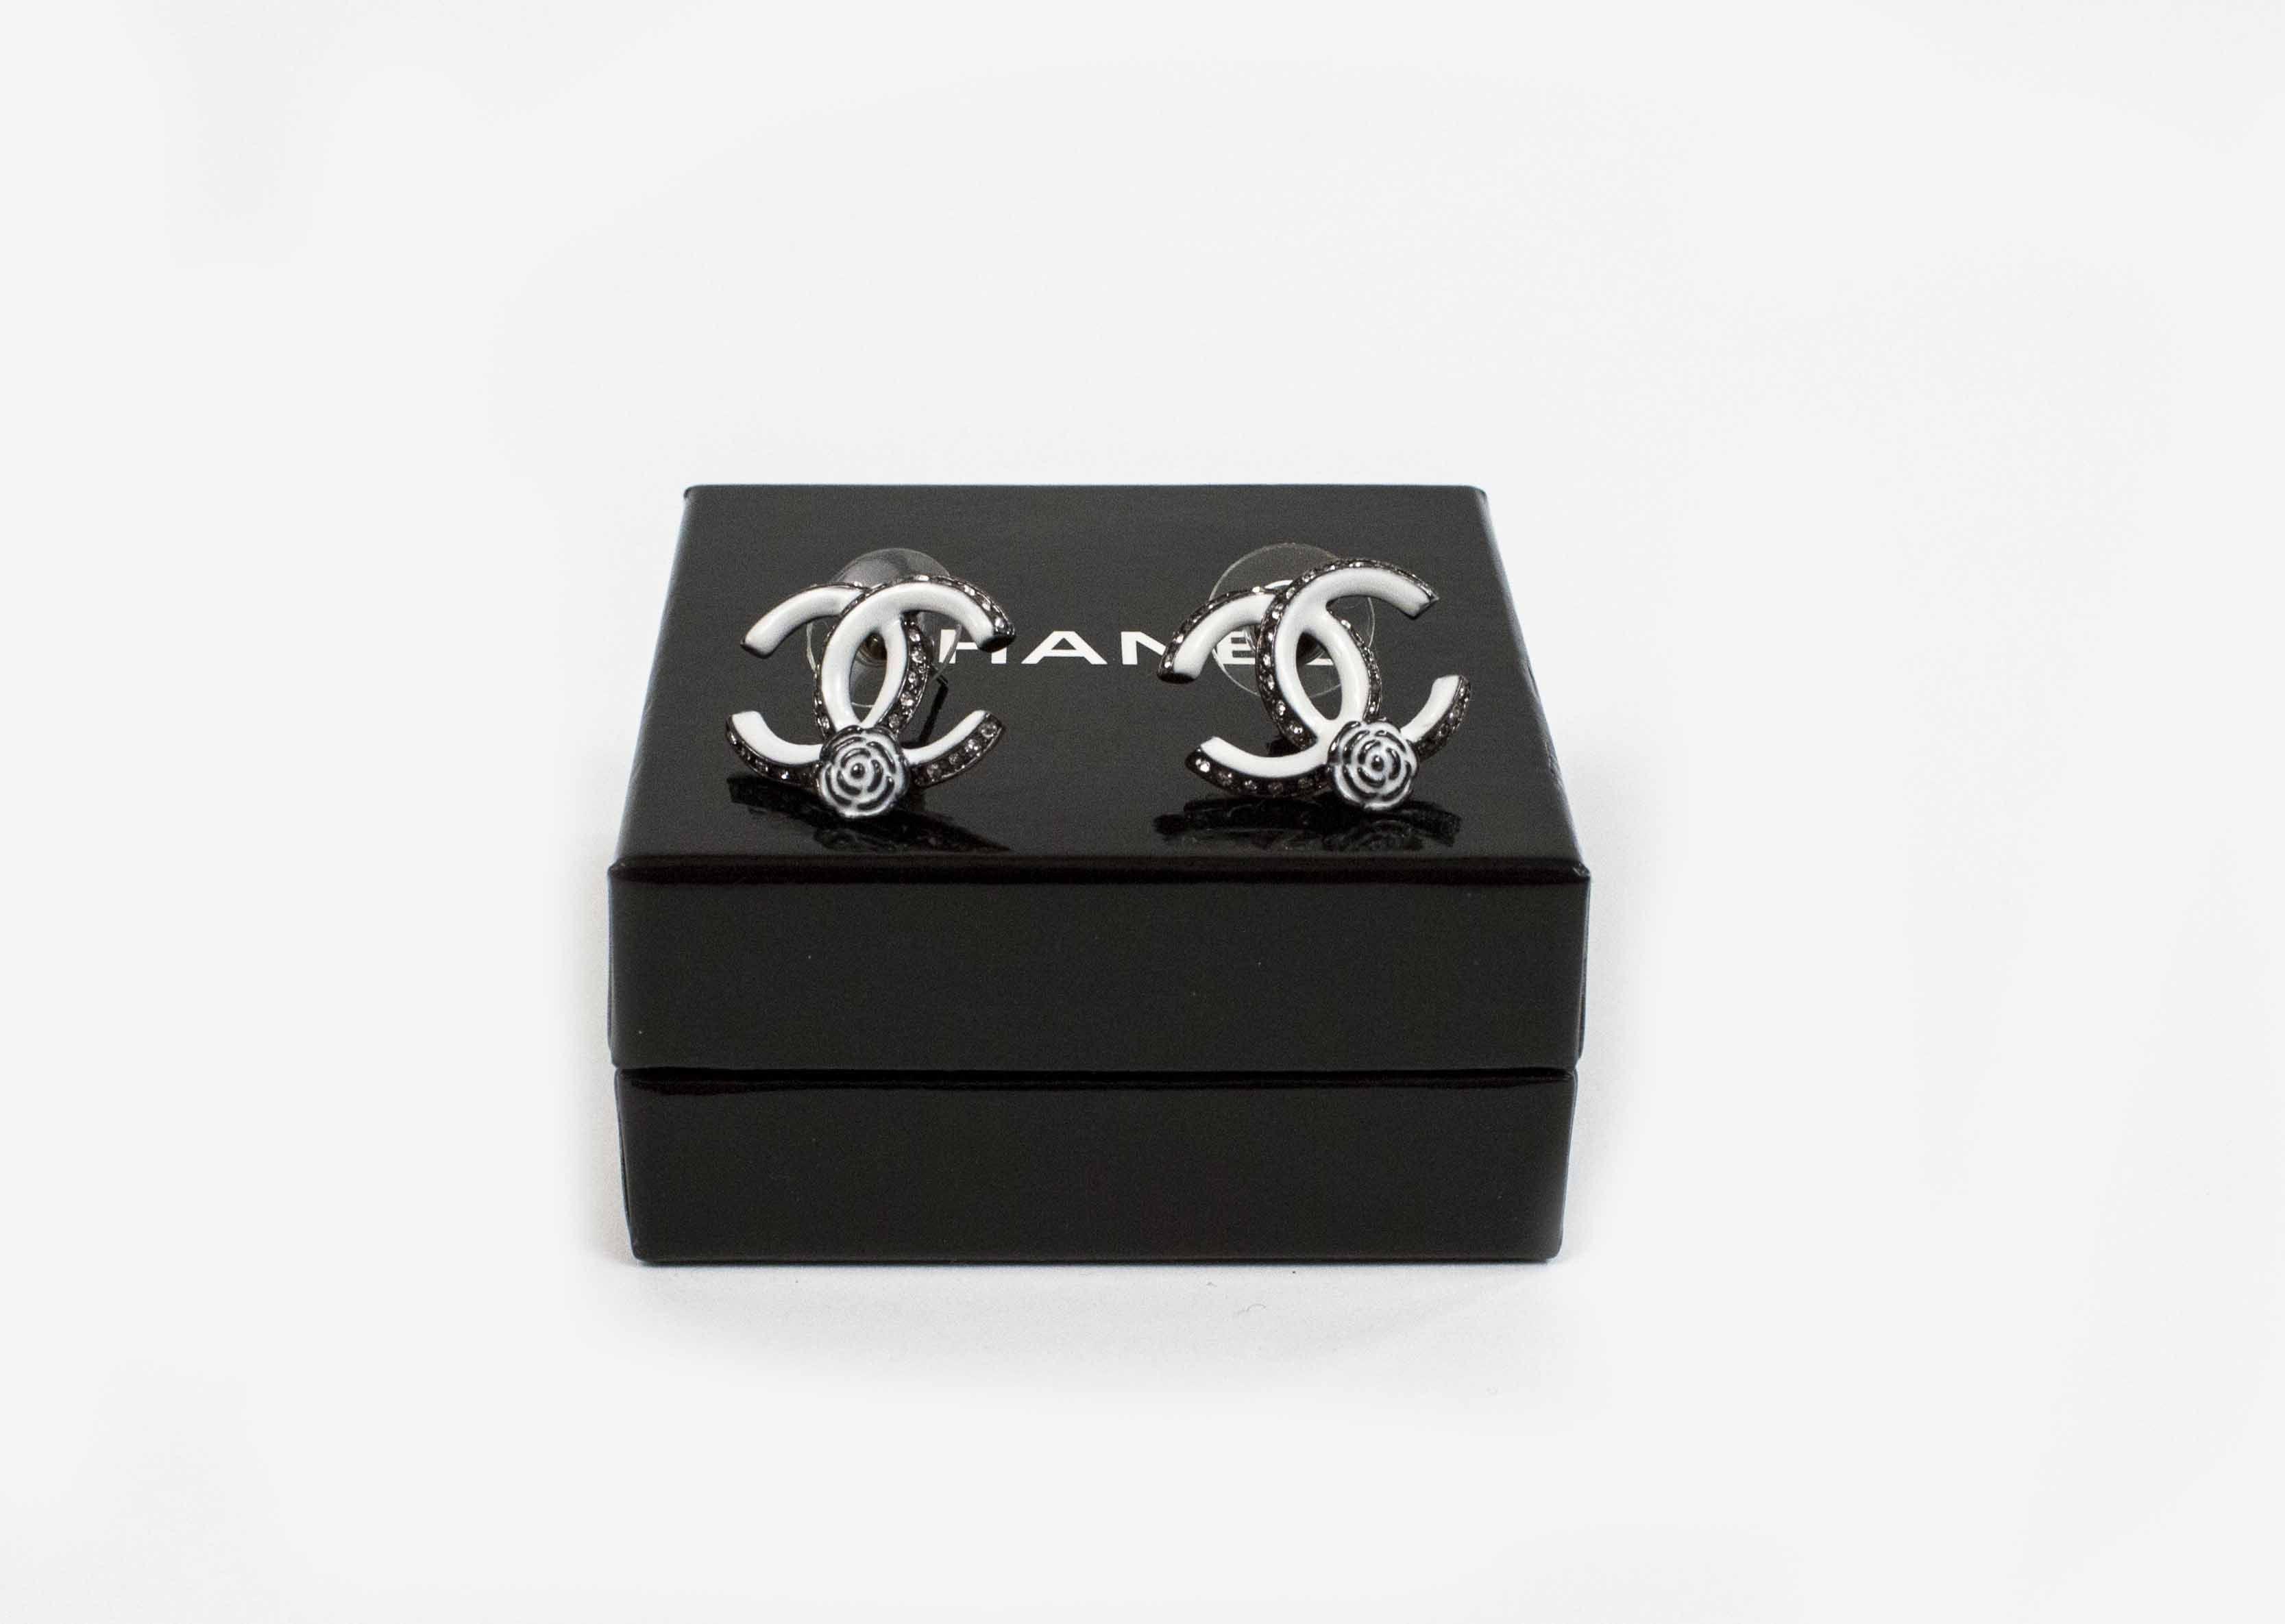 Chanel Sold Pierced Earrings Cost 500 Http